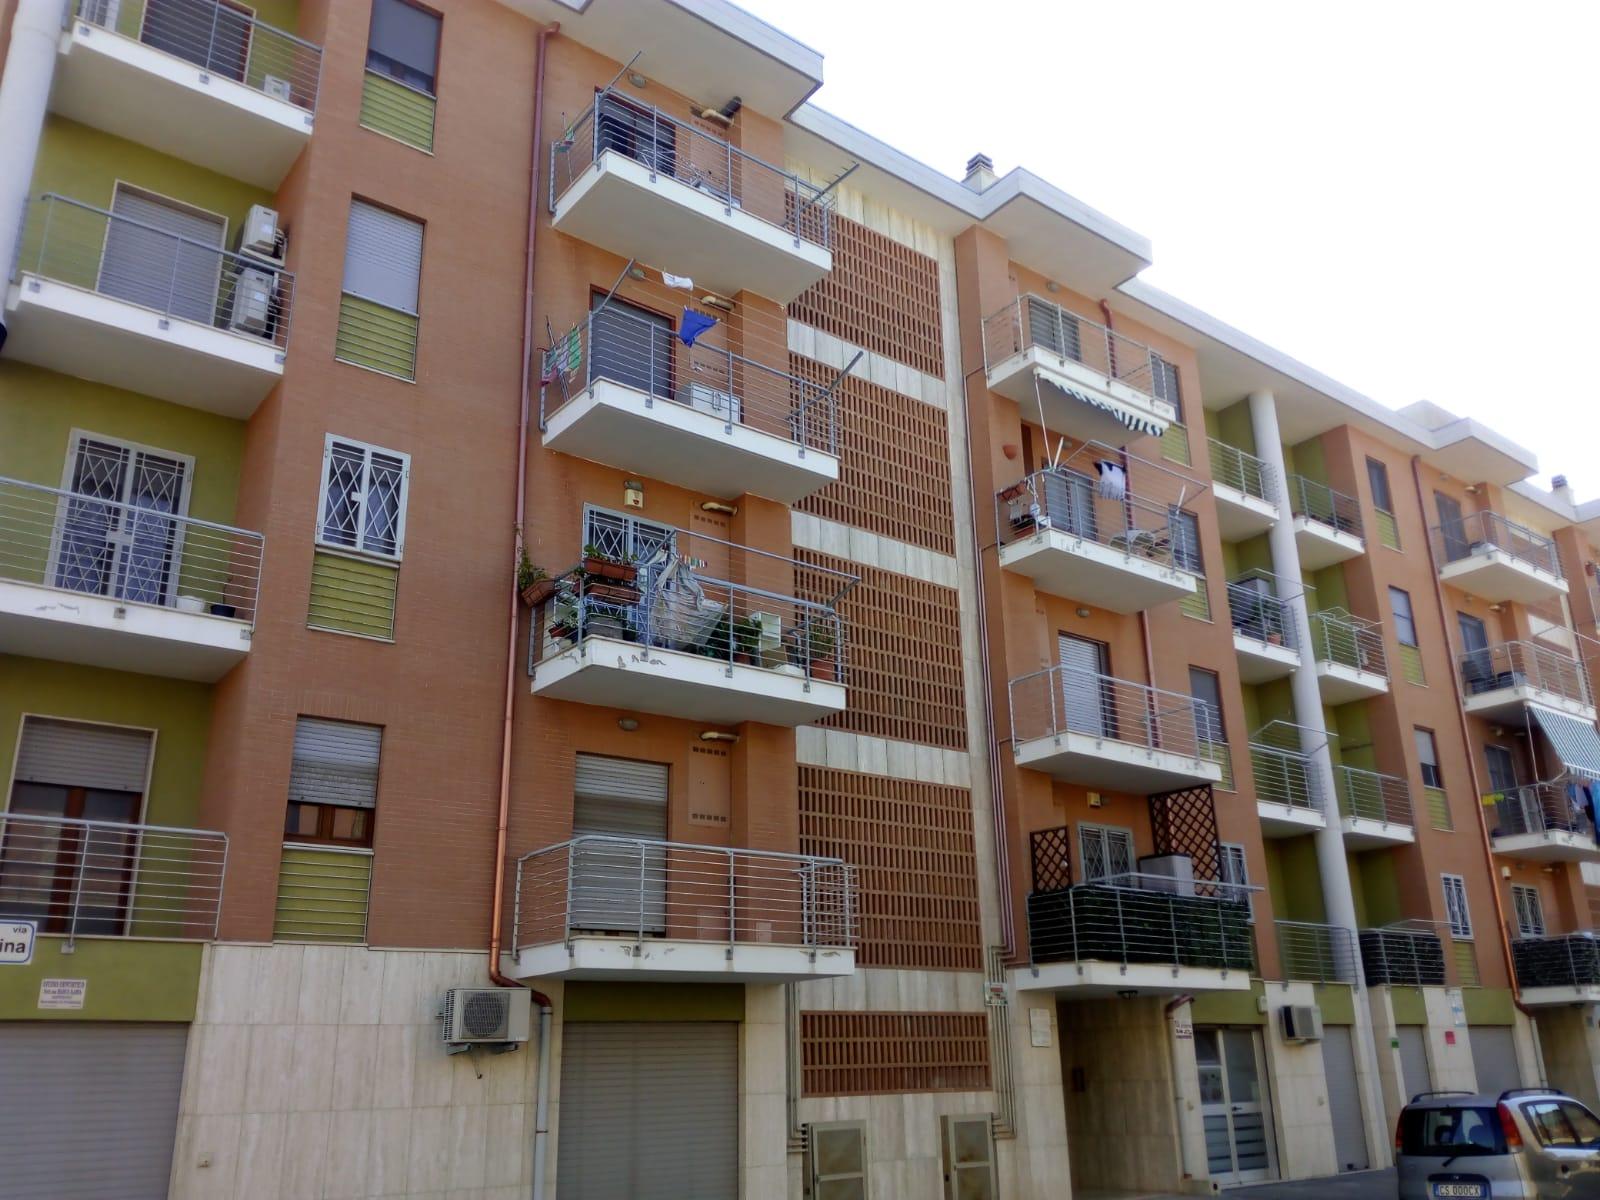 Appartamenti in vendita a Foggia- Via A. Regina (Zona Via Gramsci) ampio 3 vani doppi servizi, box e posto auto.